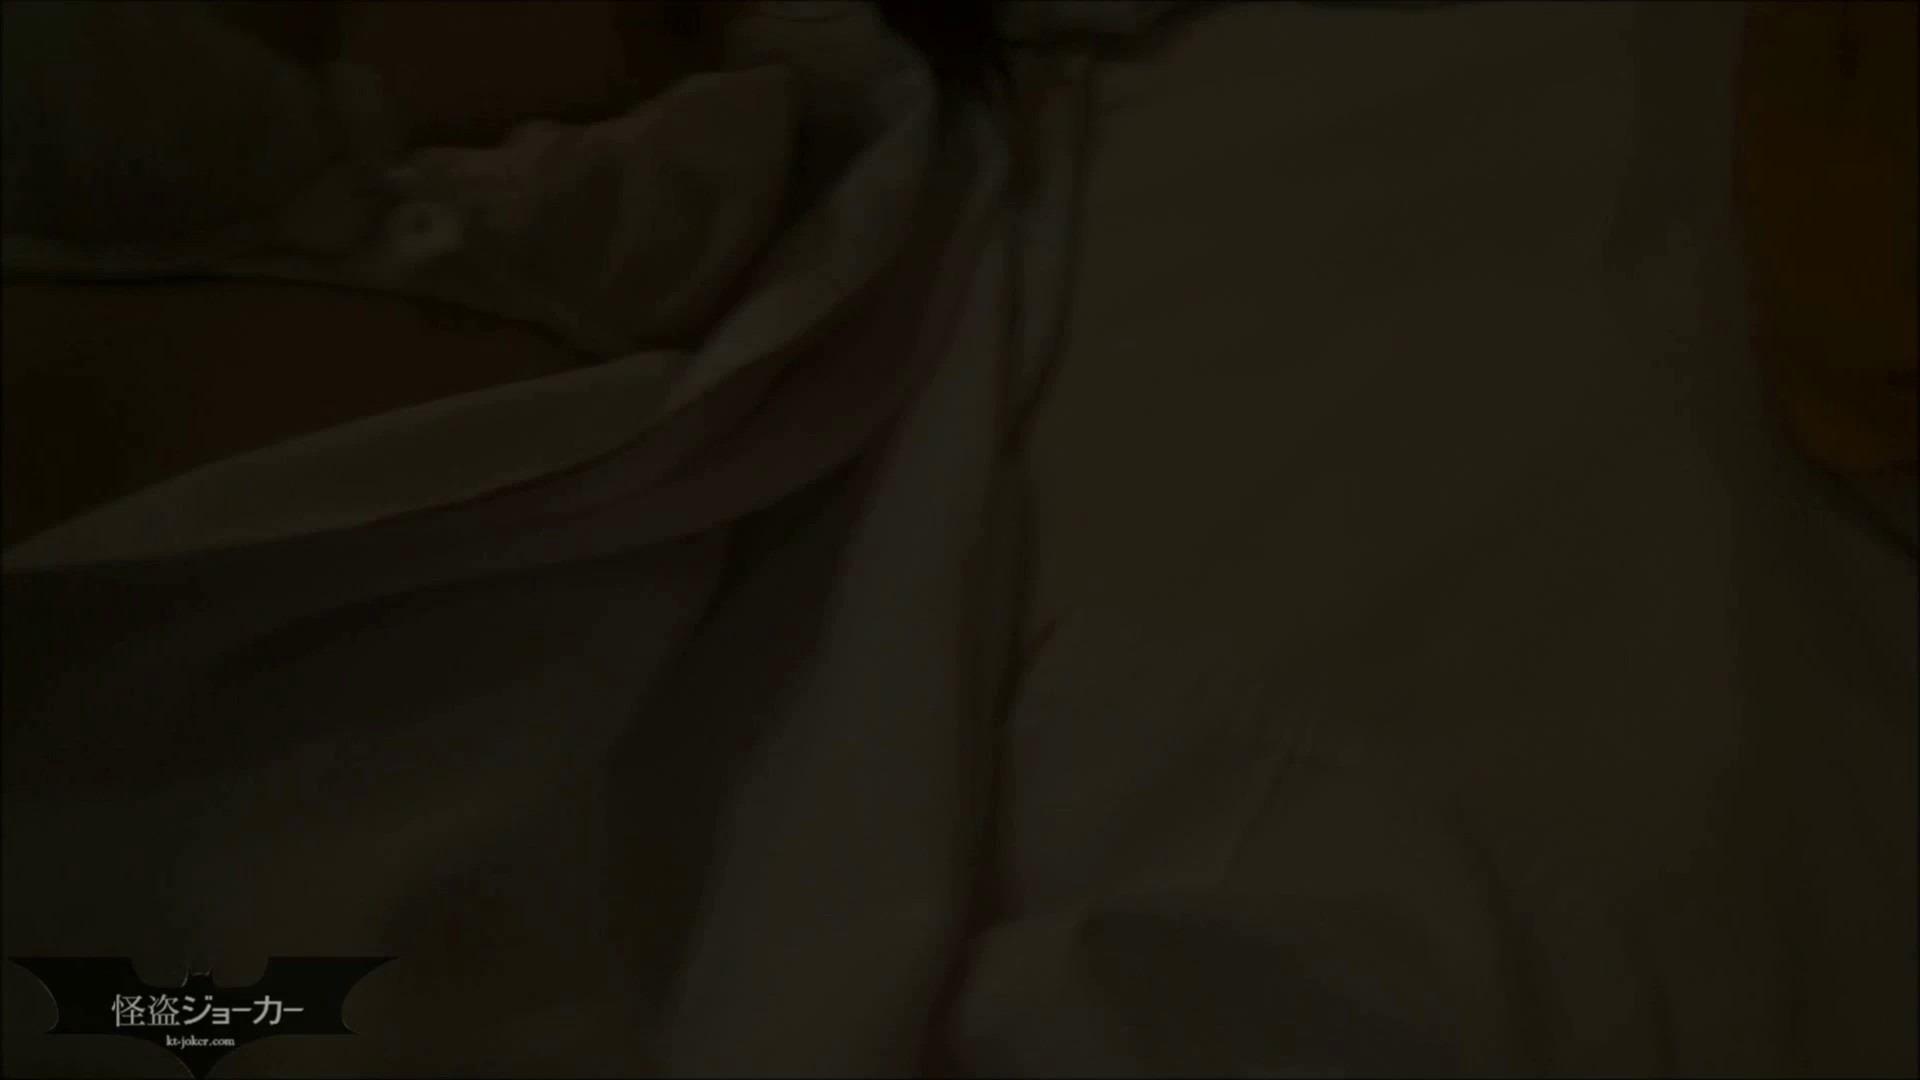 【未公開】vol.102 {雛形さん似の保育園の先生}アキコちゃん② エッチすぎるOL達  99連発 94